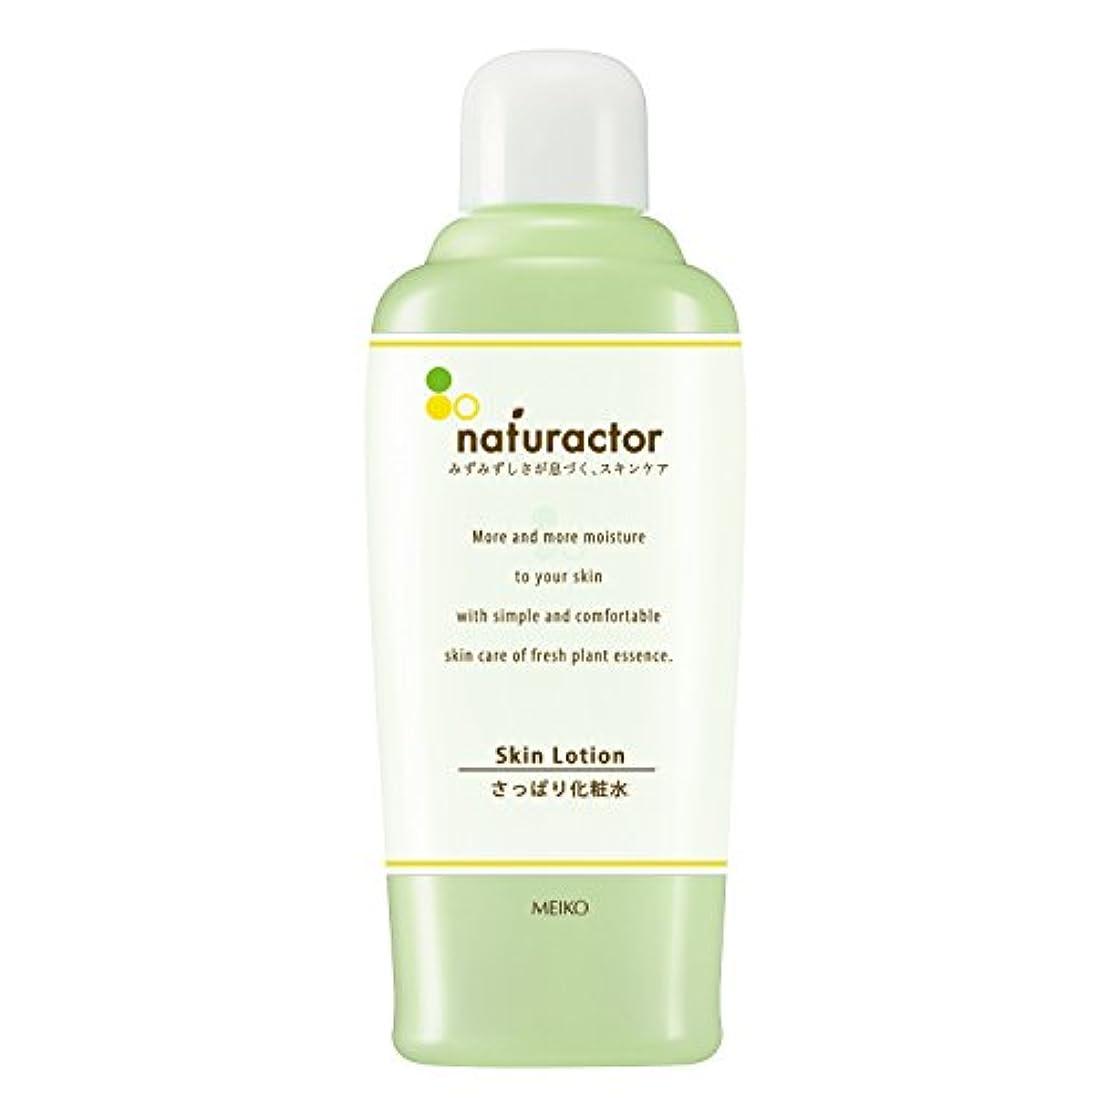 化粧水 スキンローションSA (さっぱり化粧水 ローション さっぱり オーガニック 自然派 ナチュラル) 【ナチュラクター】